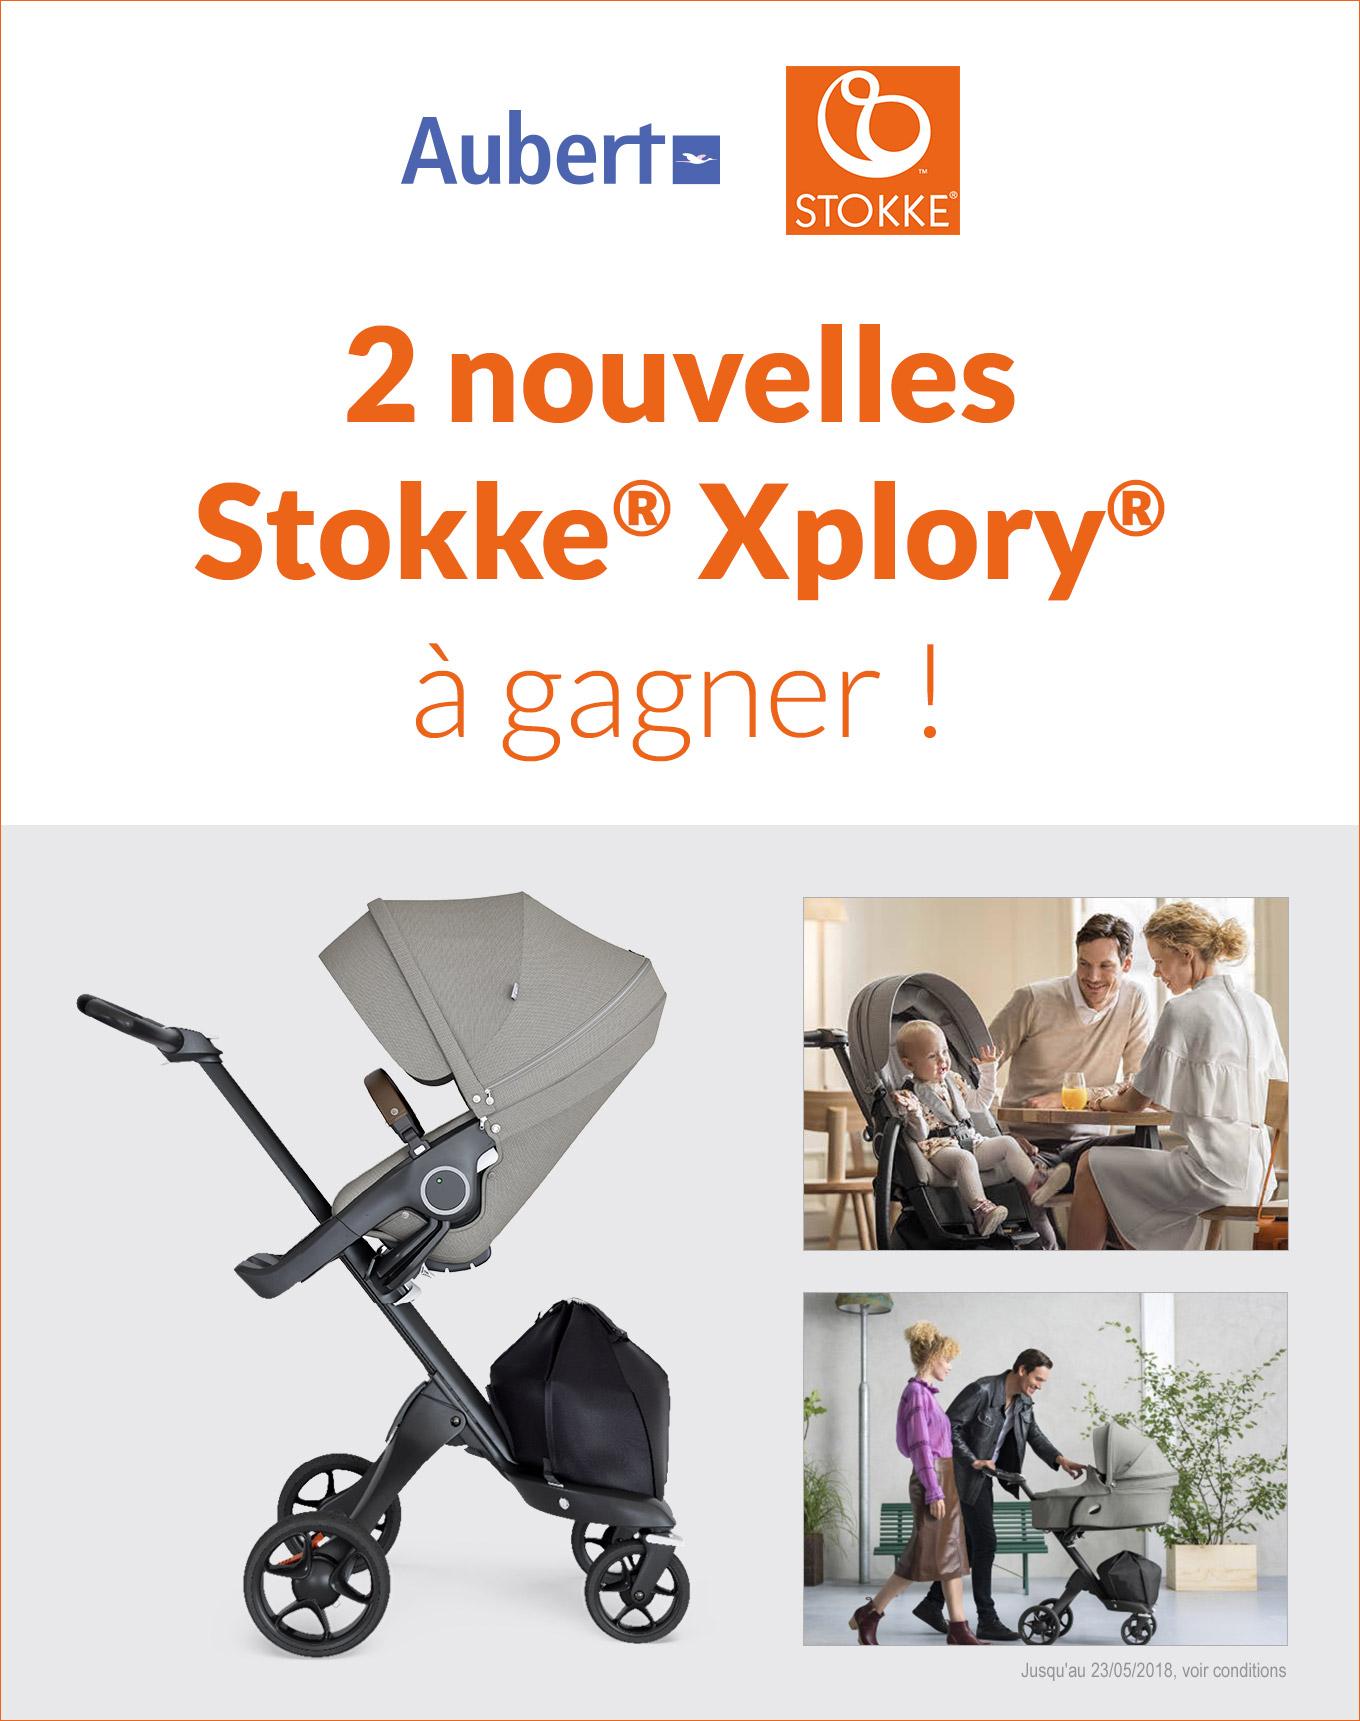 2 nouvelles Stokke® Xplory® gagner ! Jusqu'au 23/05/2018, voir conditions